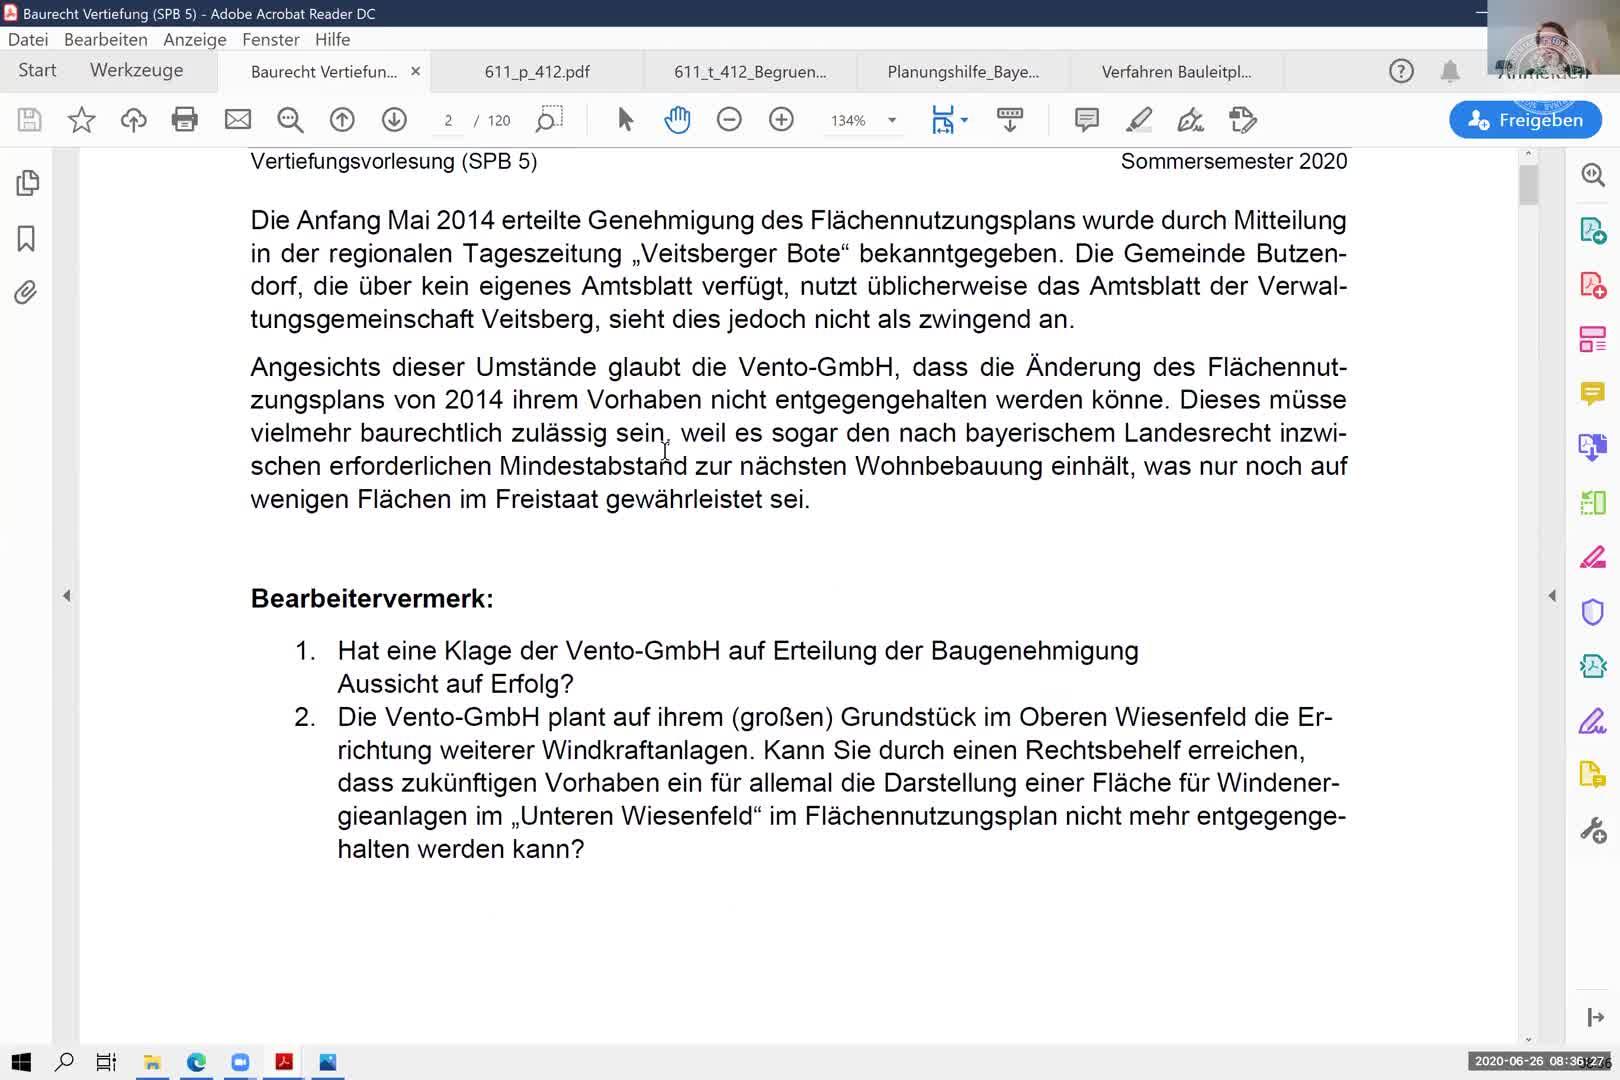 Einheit 2 - Bauleitplanung, Abwägungsfehlerlehre, Unbestimmter Rechtsbegriff preview image